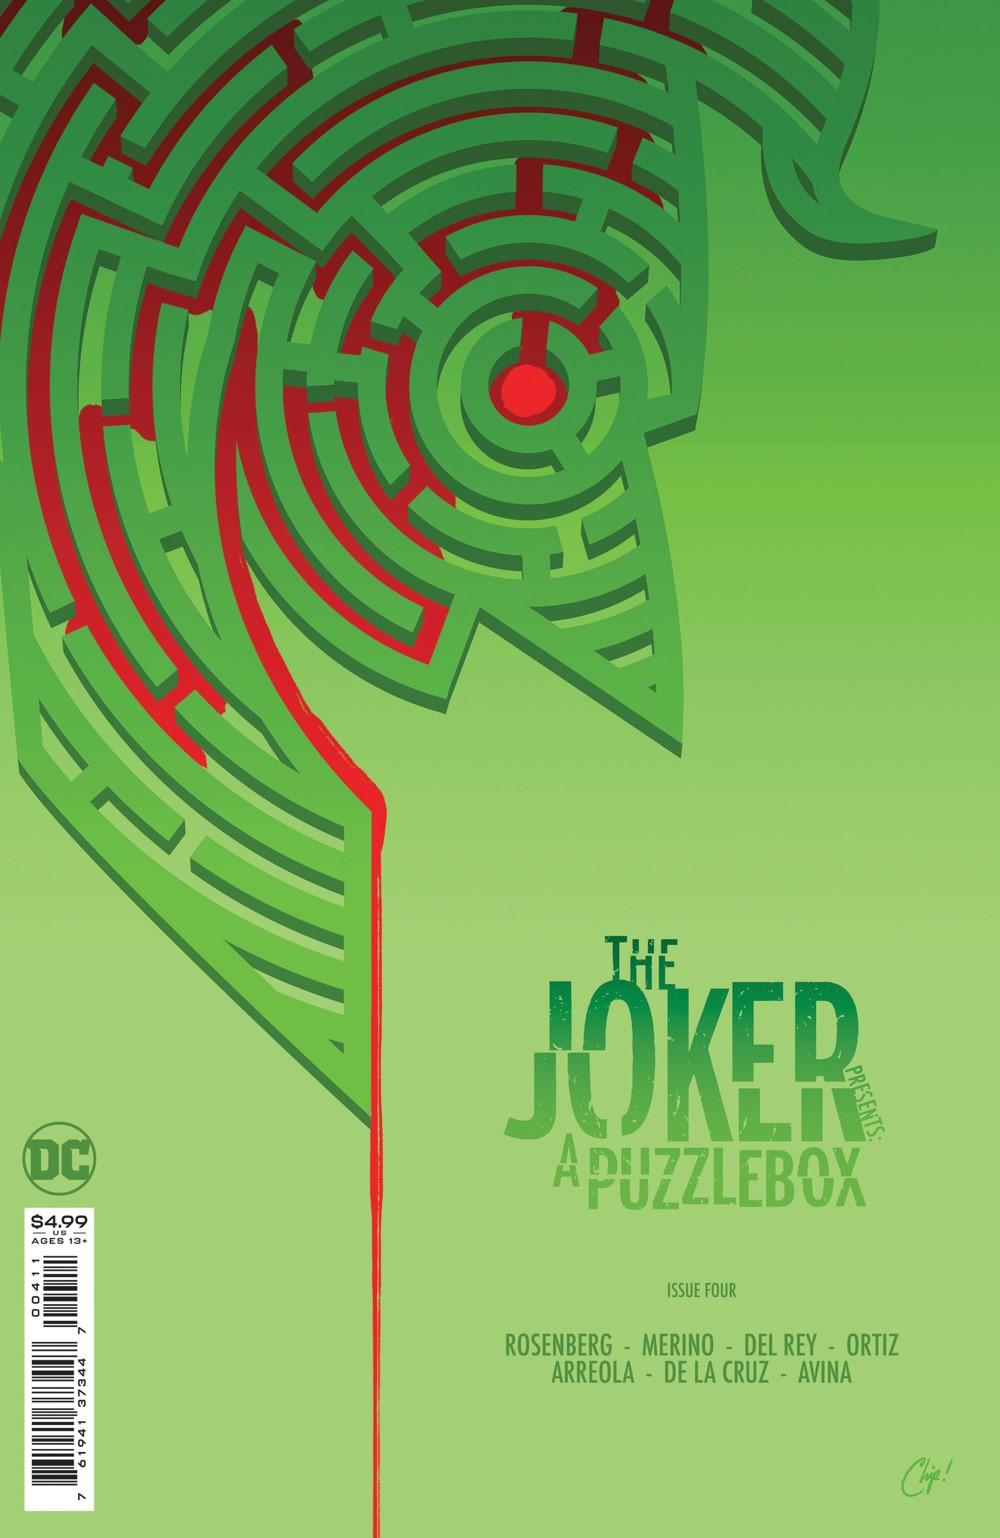 The-Joker-Presents_a_Puzzlebox_Cv4 DC Comics November 2021 Solicitations